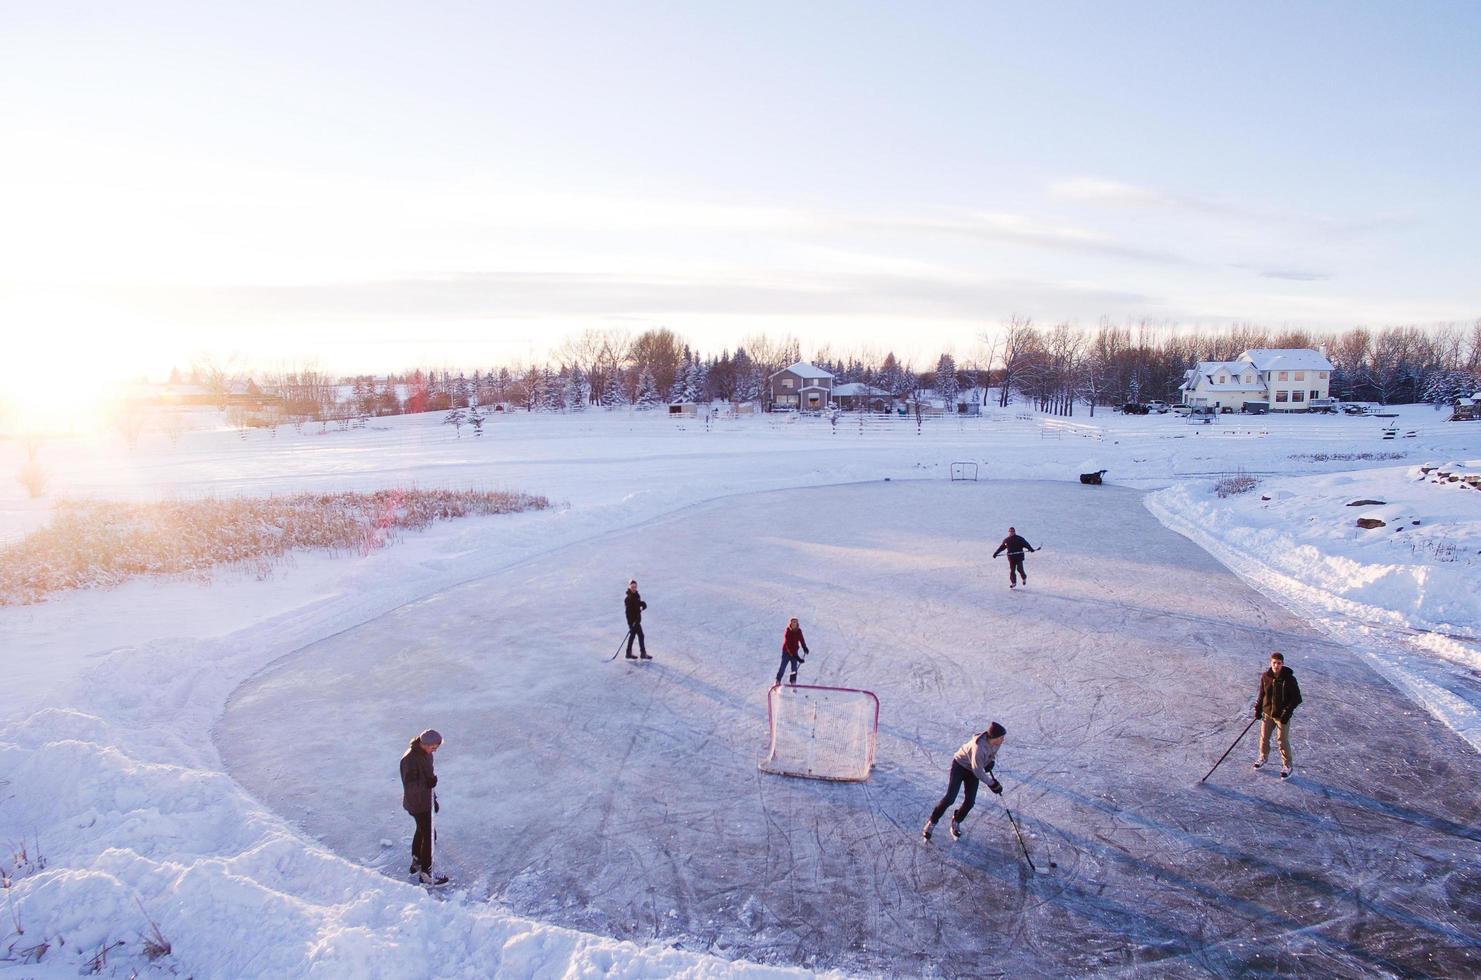 gruppo di persone che giocano a hockey all'aperto durante l'inverno foto